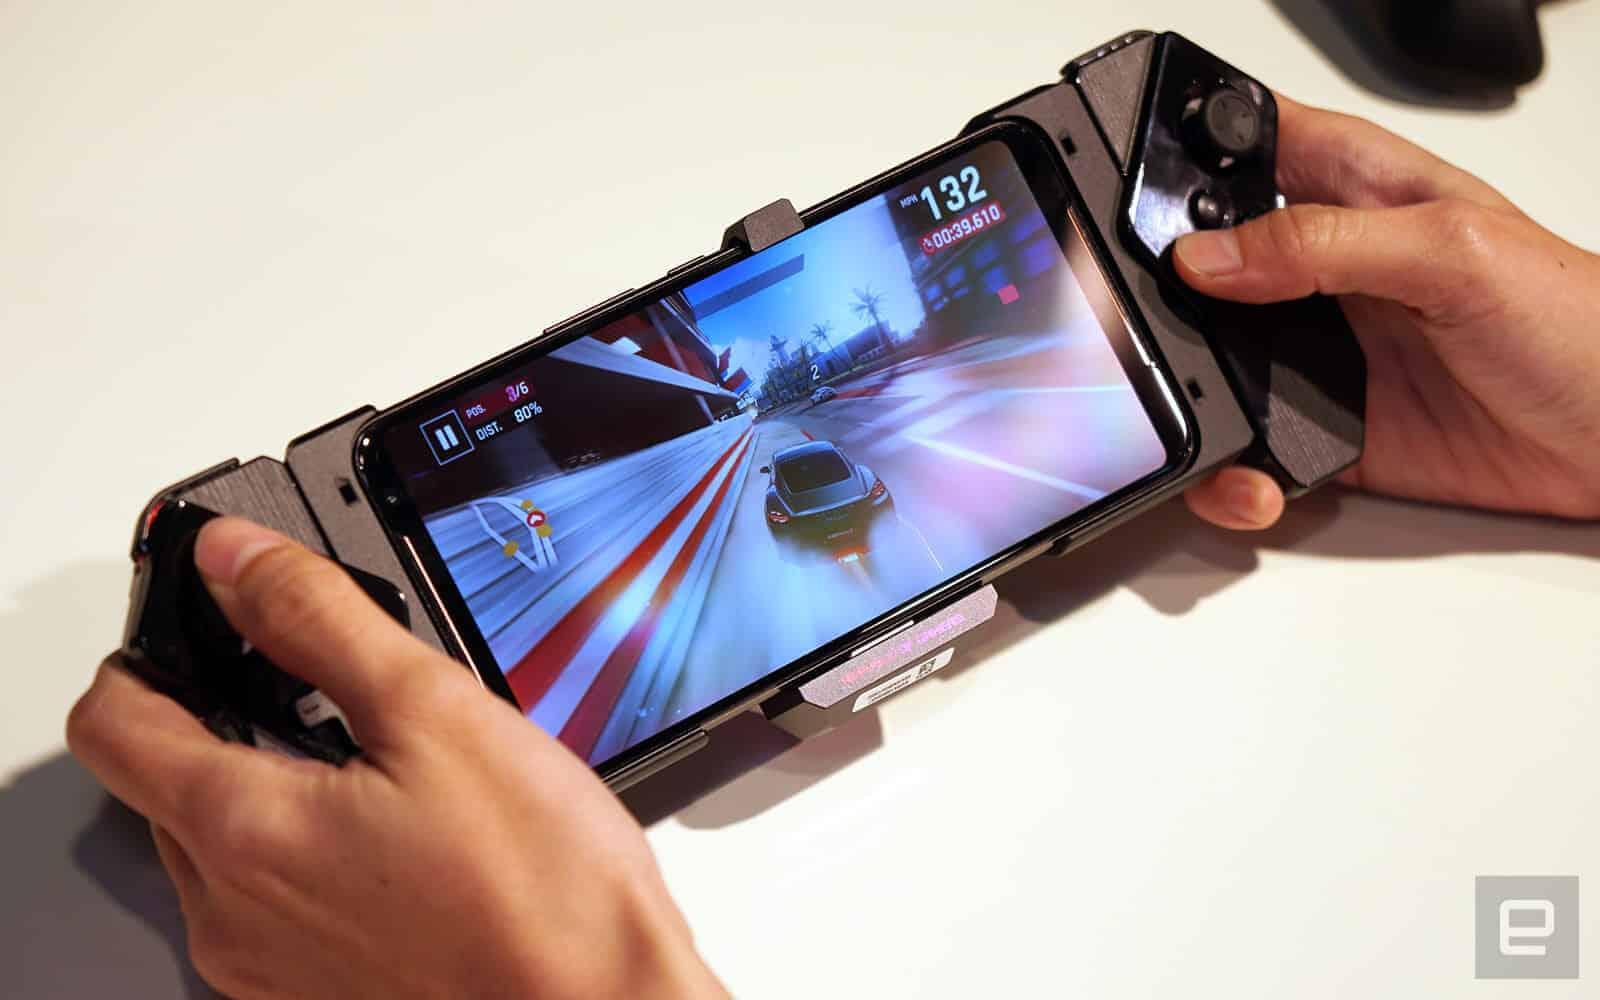 게이머를 위한 스마트폰! ASUS, 'ROG Phone 2' ⓒ Engadget 사진출처 / 갓잇코리아